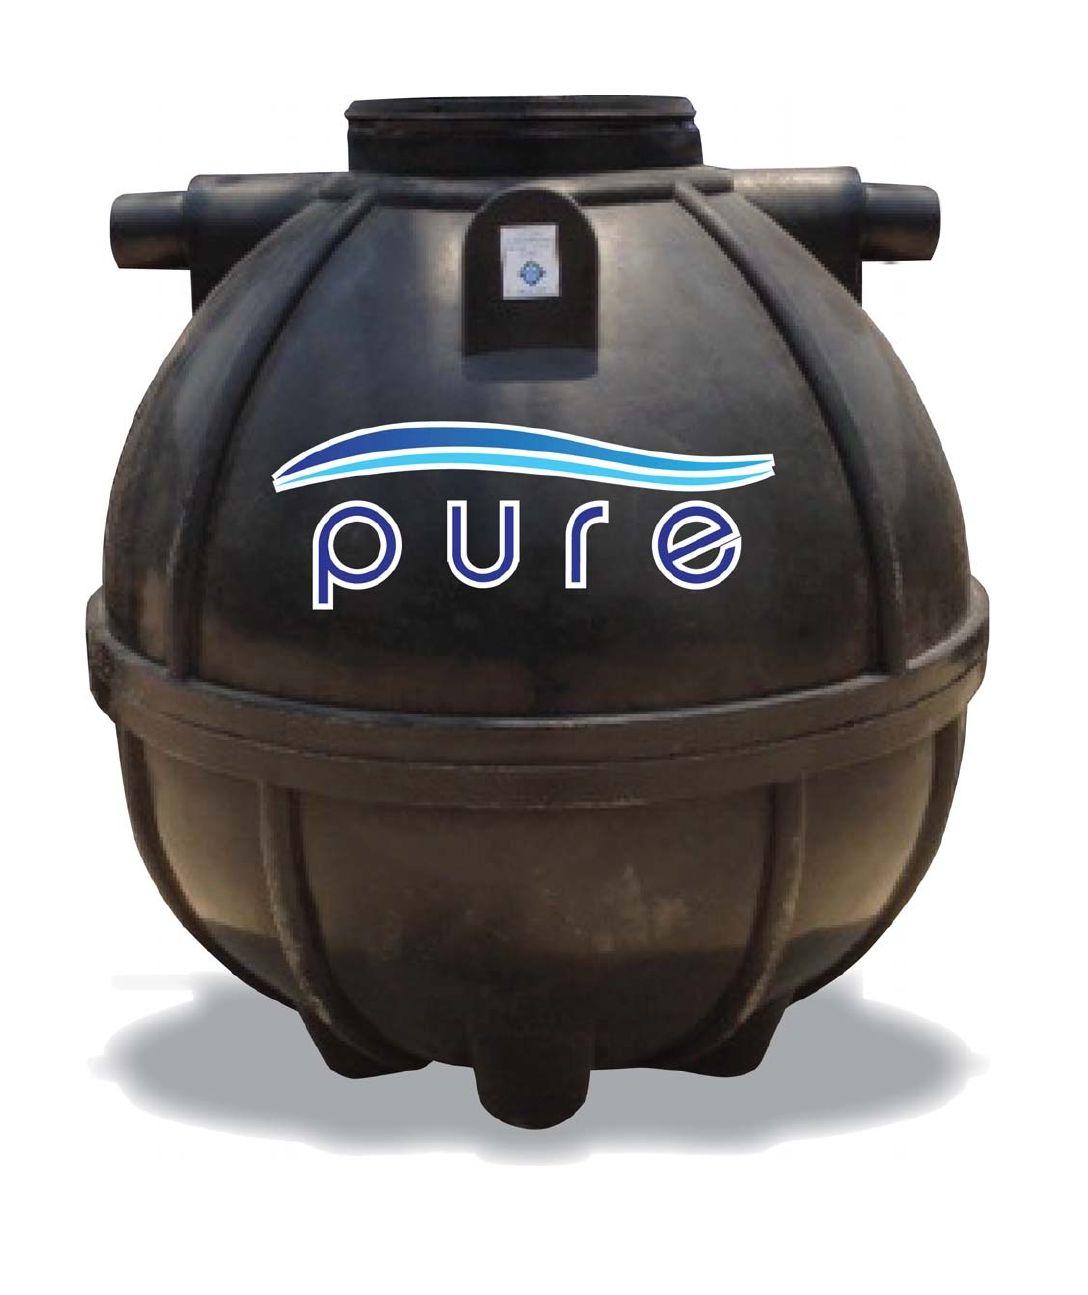 ถังบำบัดน้ำเสียเกรอะกรองรวมแบบไร้อากาศ PURE รุ่น PS-600 ขนาด 600 ลิตร